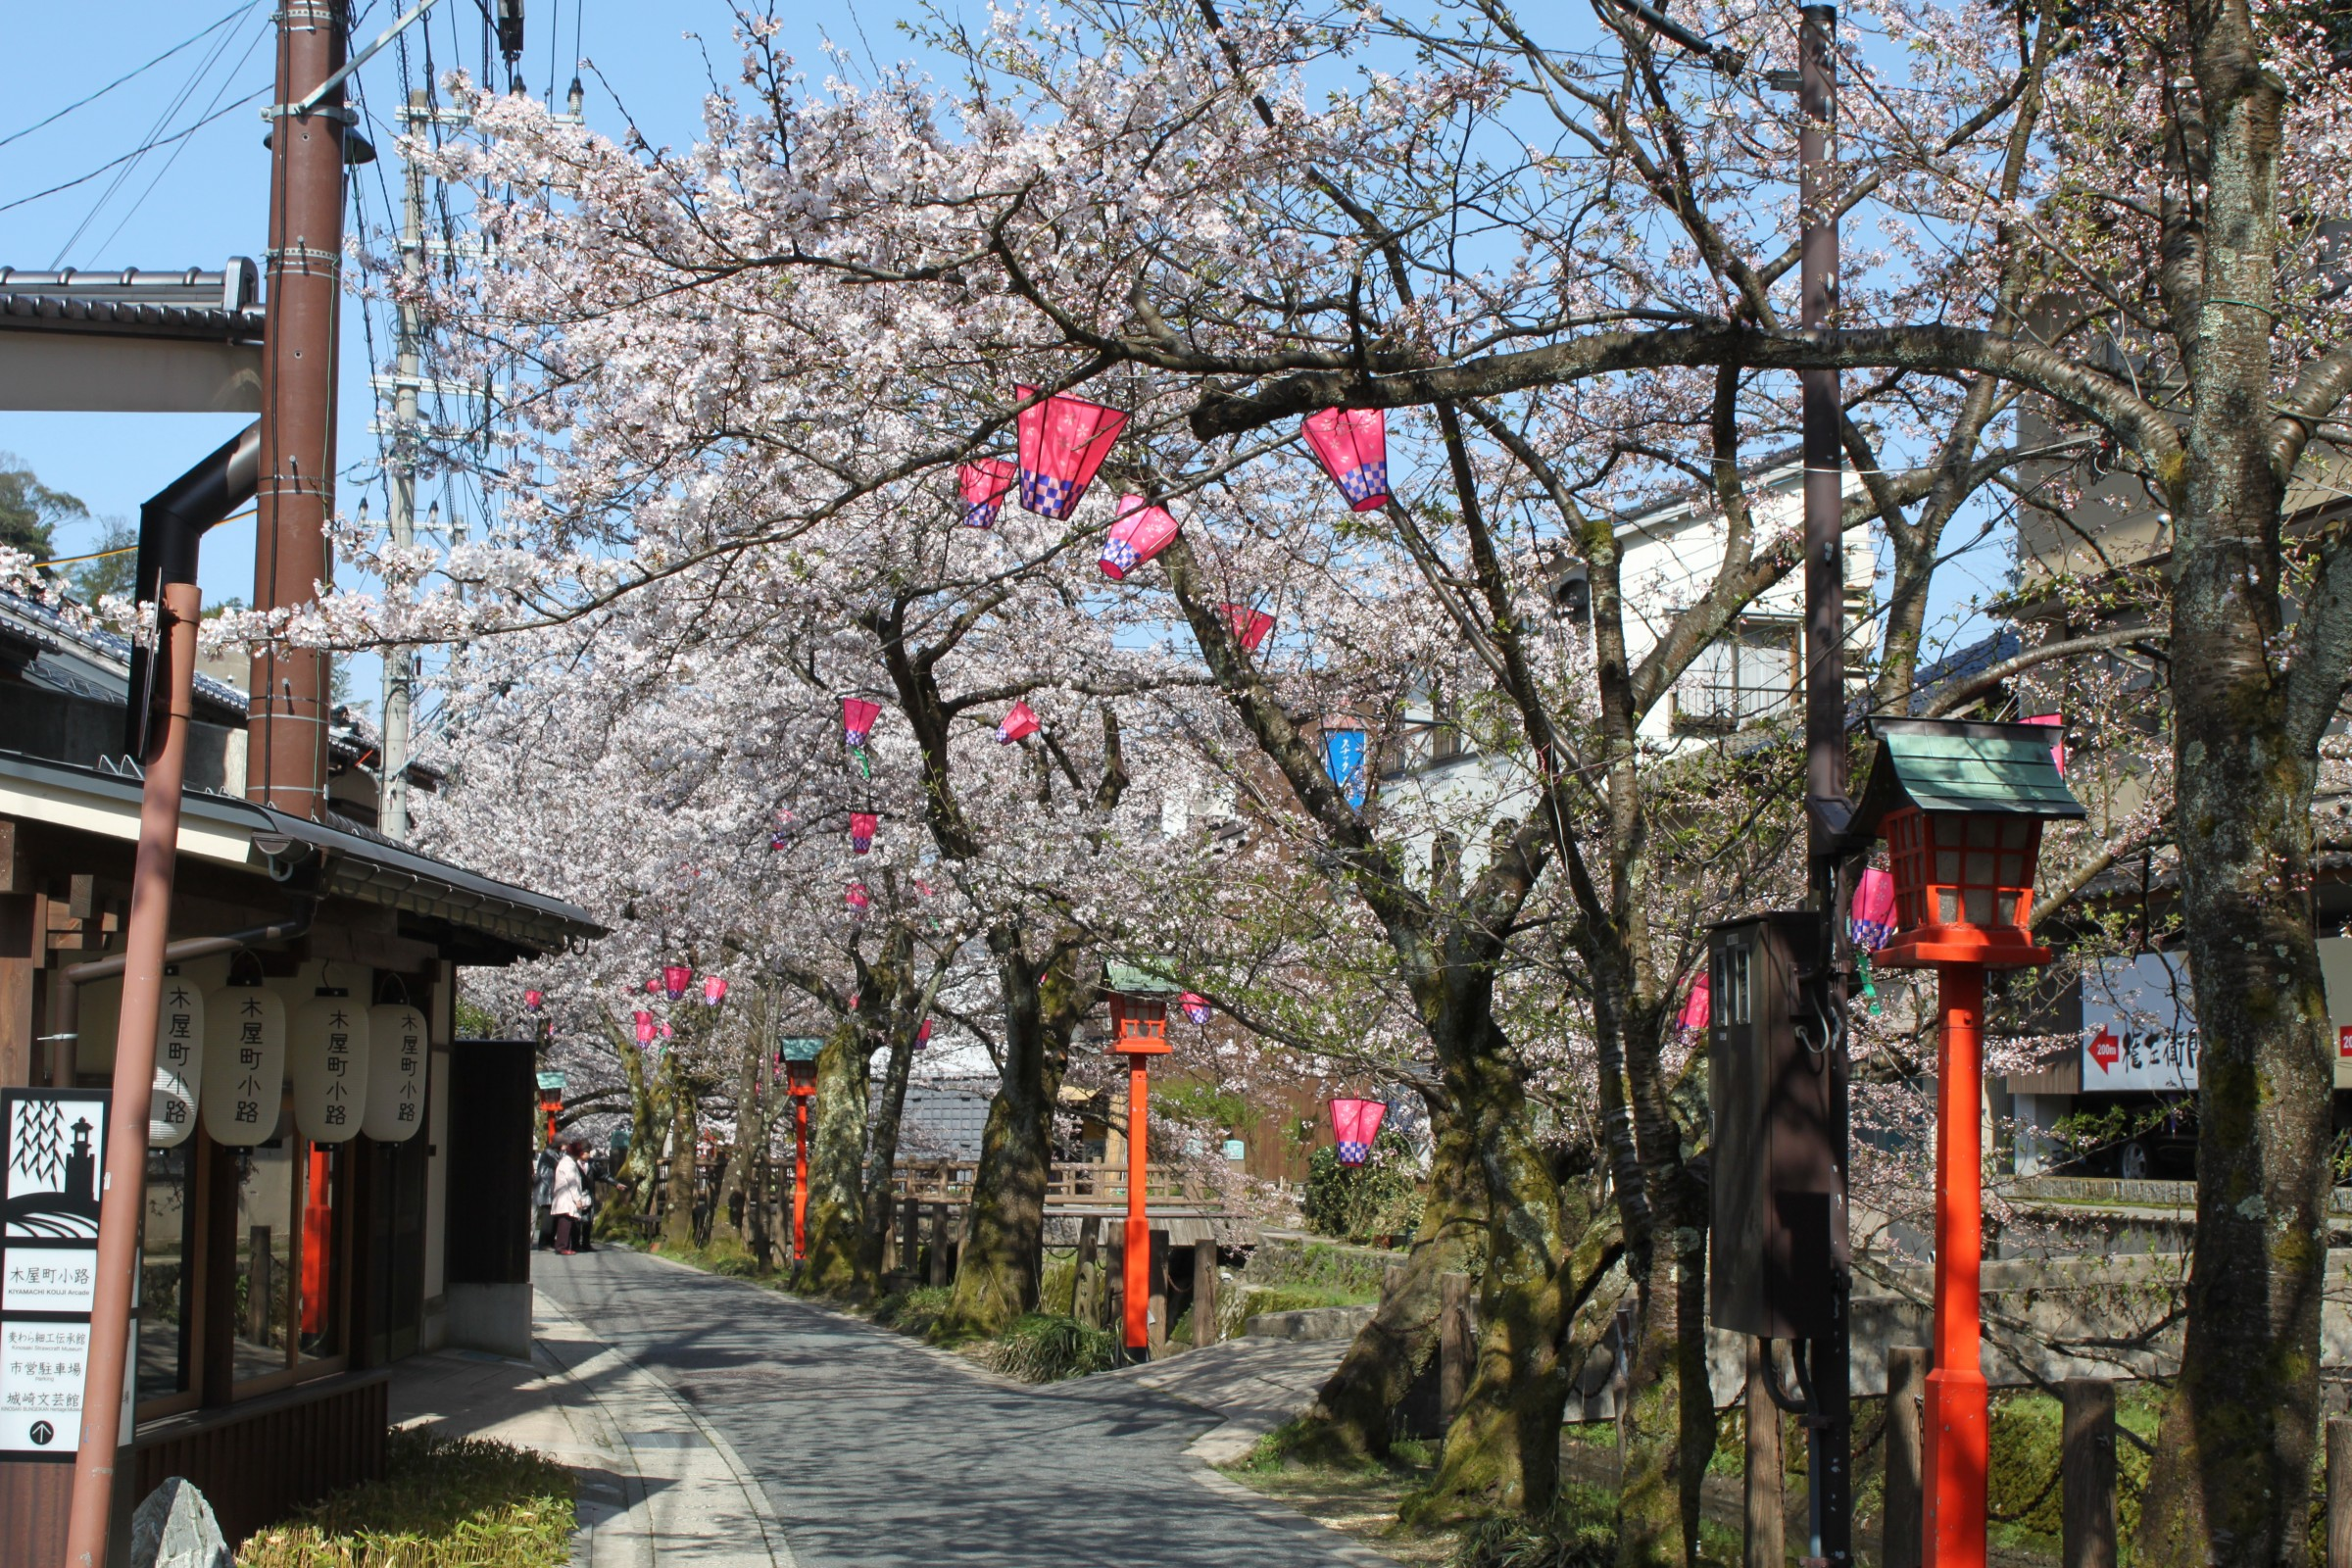 romantic destinations in Japan KinosakiOnsen